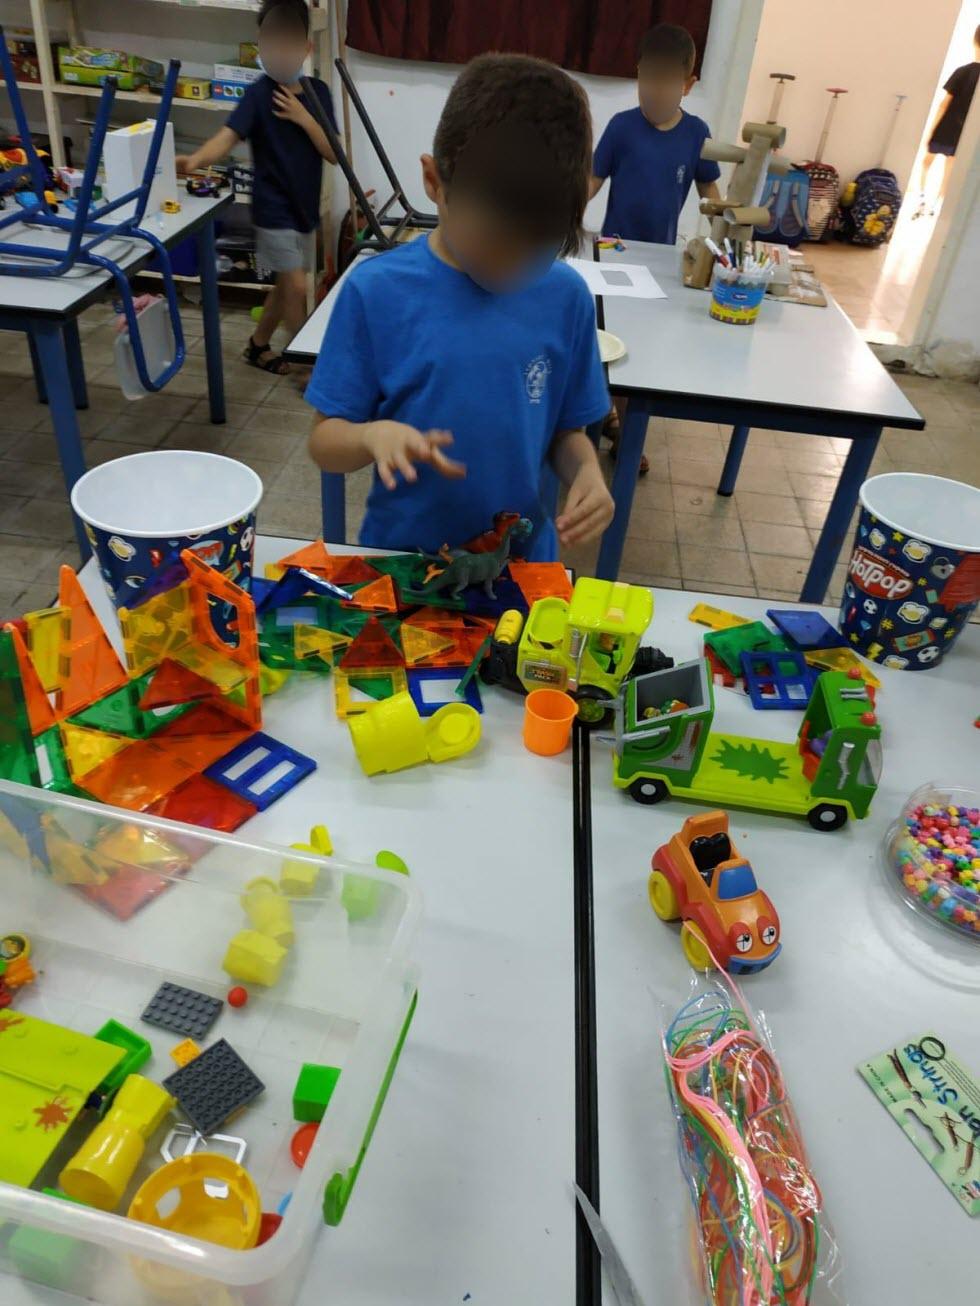 משחקים בגנים בנהריה (צילום: באדיבות דוברות עיריית נהריה)